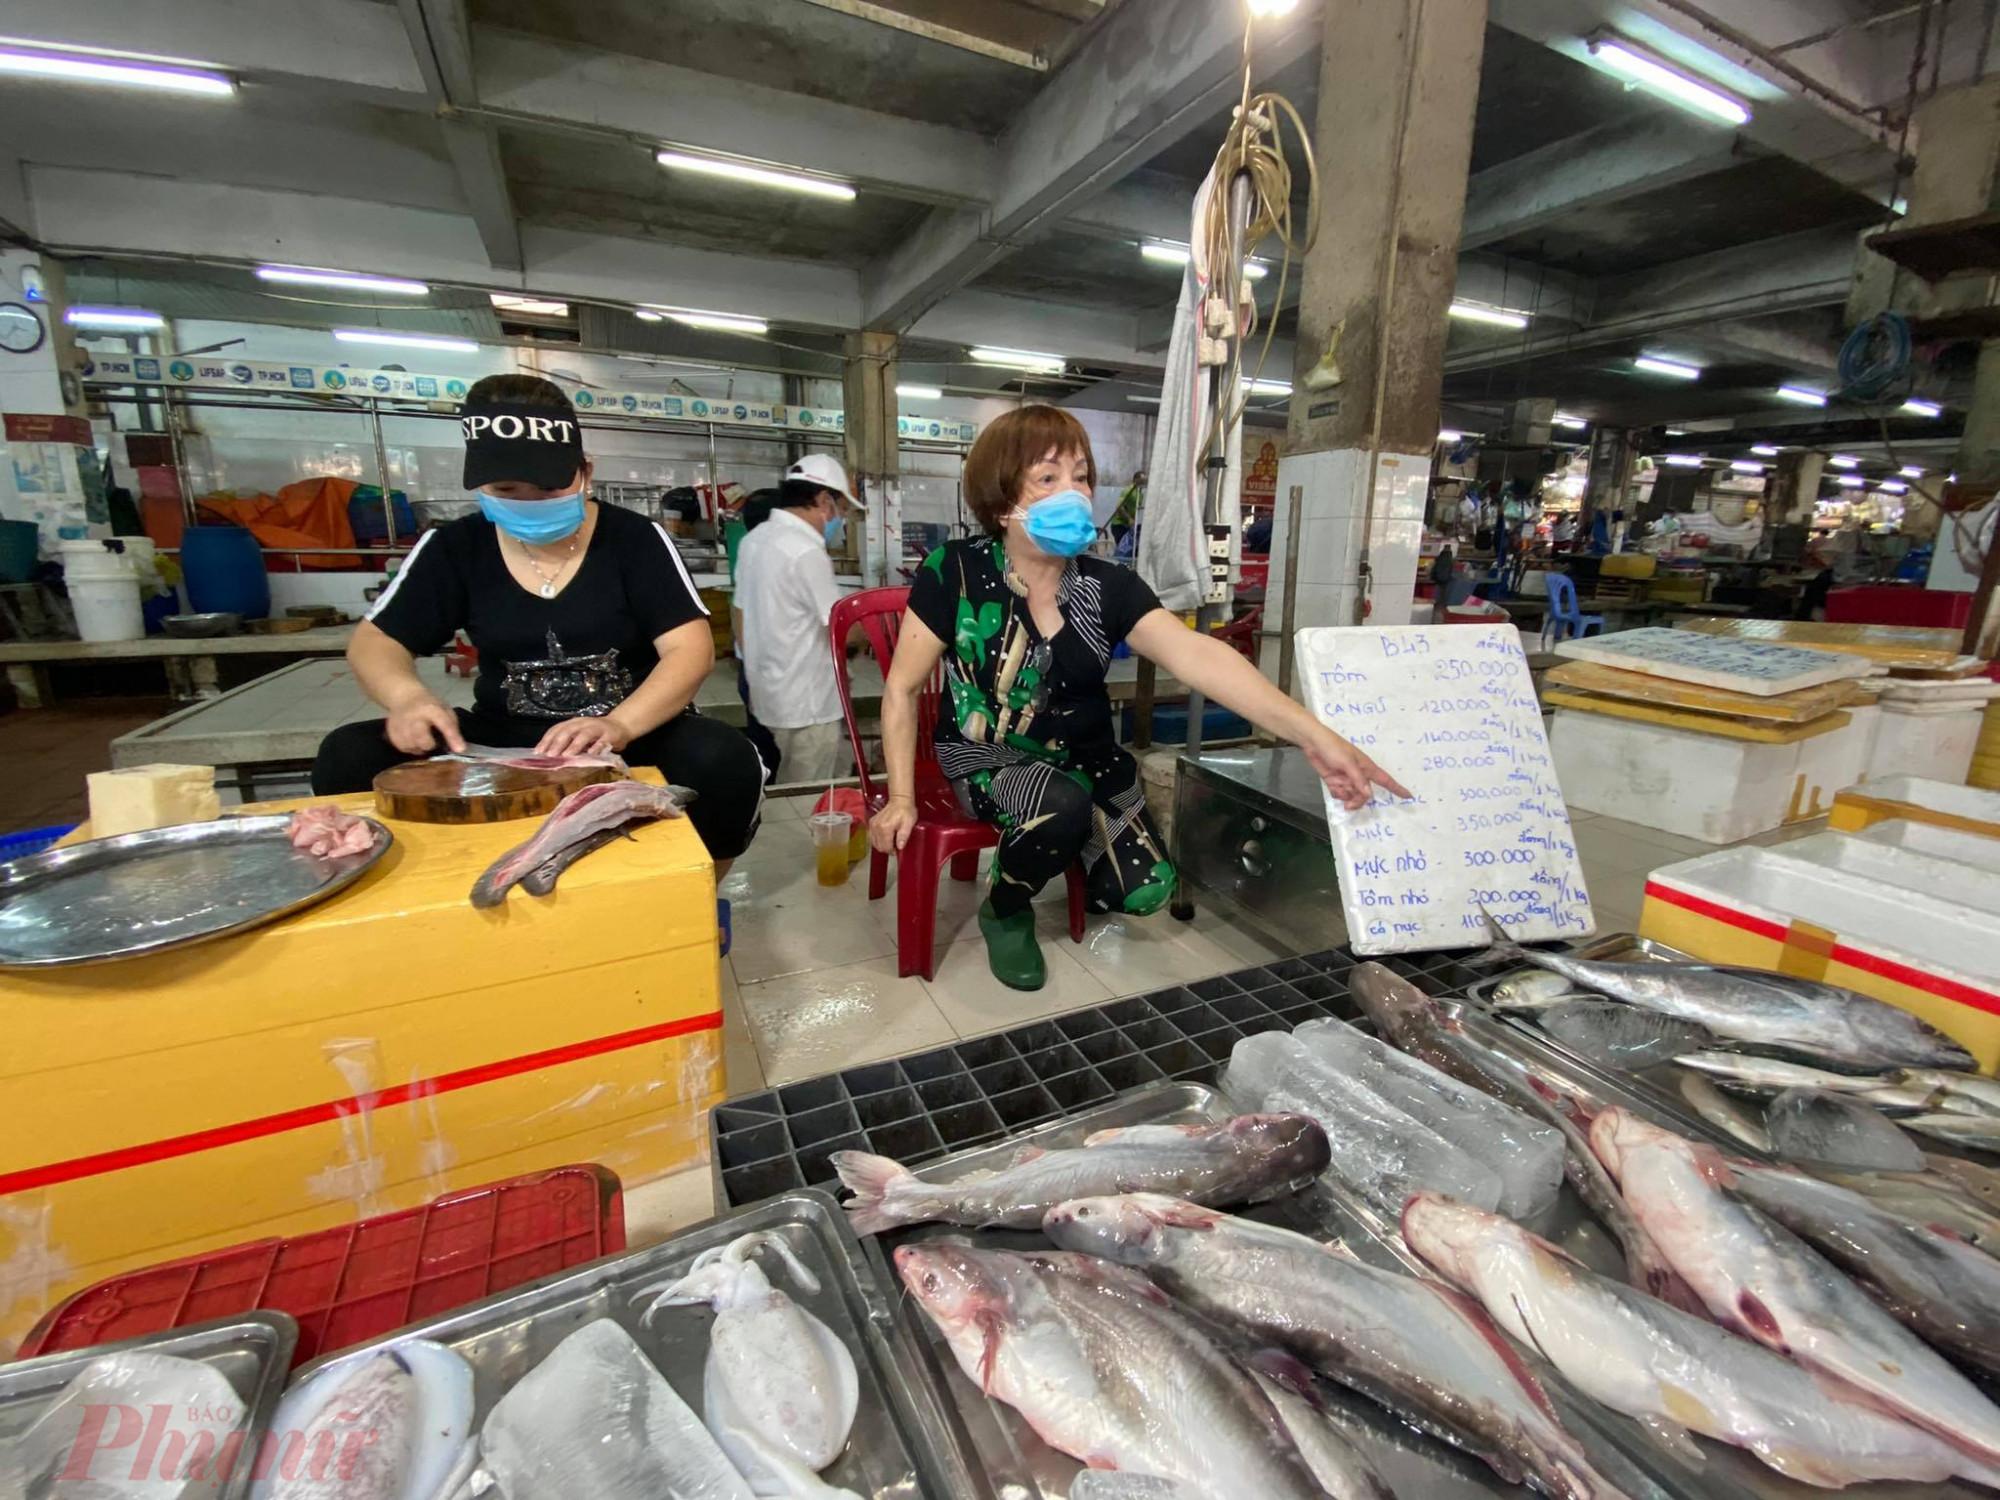 Giá cá tại chợ  An Đông tăng khá mạnh, có  loại  tăng  20.000 - 50.000 đồngg/ký